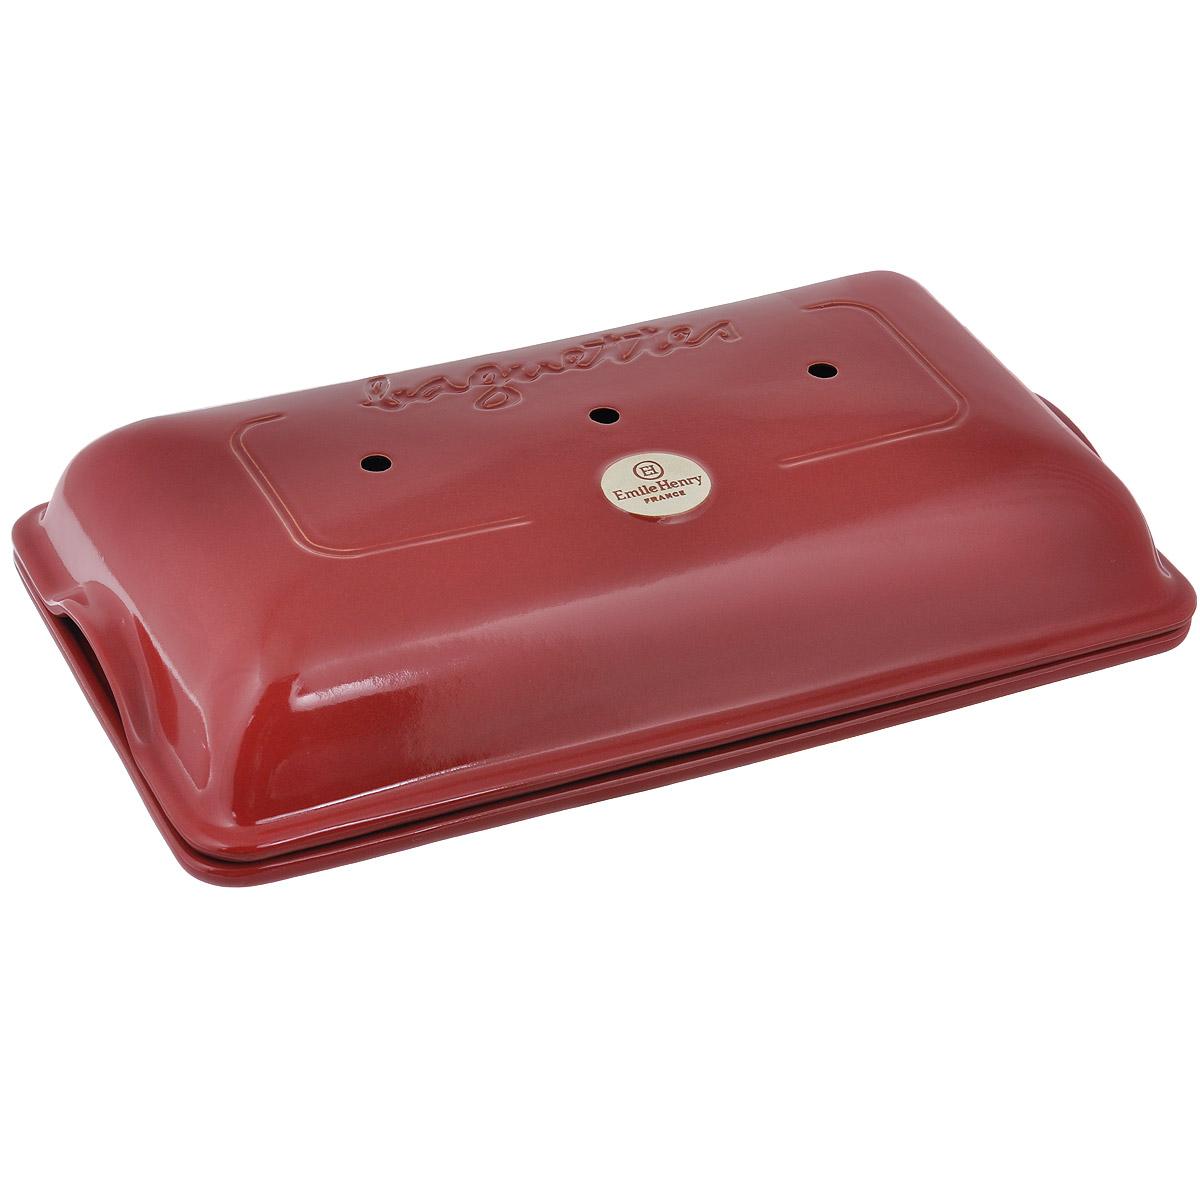 Форма для выпечки багетов Emile Henry с крышкой, прямоугольная, цвет: гранатовый, 39 х 23 см345506Форма для выпечки багетов Emile Henry изготовлена из высококачественной керамики. Изделие состоит из прямоугольной основы с тремя секциями для багетов и крышки с отверстиями. Куполообразная крышка является аналогом свода печи и позволяет поддерживать постоянную влажность в процессе приготовления, поэтому хлеб всегда получается пышным, мягким и с хрустящей корочкой. С такой формой вы теперь сможете баловать своих домочадцев вкусными поджаристыми румяными багетами, которые в особенности любят дети. Форма бережно и неторопливо накапливает тепло, доставляя его к центру готовящейся выпечки. Теперь вы сможете порадовать выпечкой своих родных и гостей на высшем уровне! Размер прямоугольной основы: 39 х 23 см. Высота формы без крышки: 3 см. Высота формы с крышкой: 9 см. Размер секции для багета: 35 х 6 см.